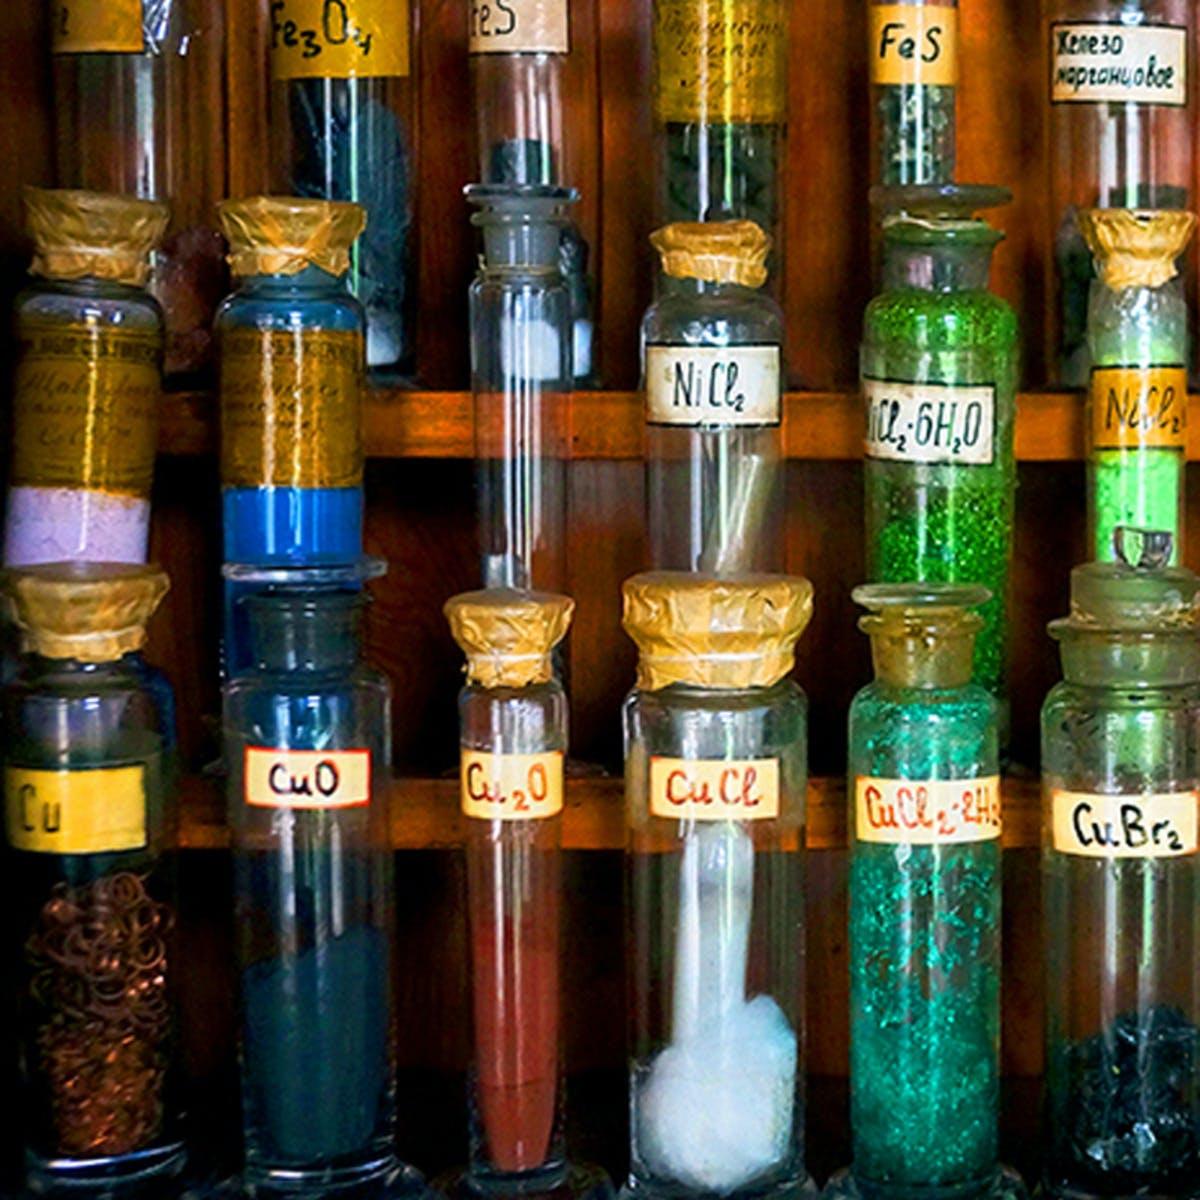 Неорганическая химия: Введение в химию элементов (Inorganic chemistry: Introduction to chemistry of the elements)